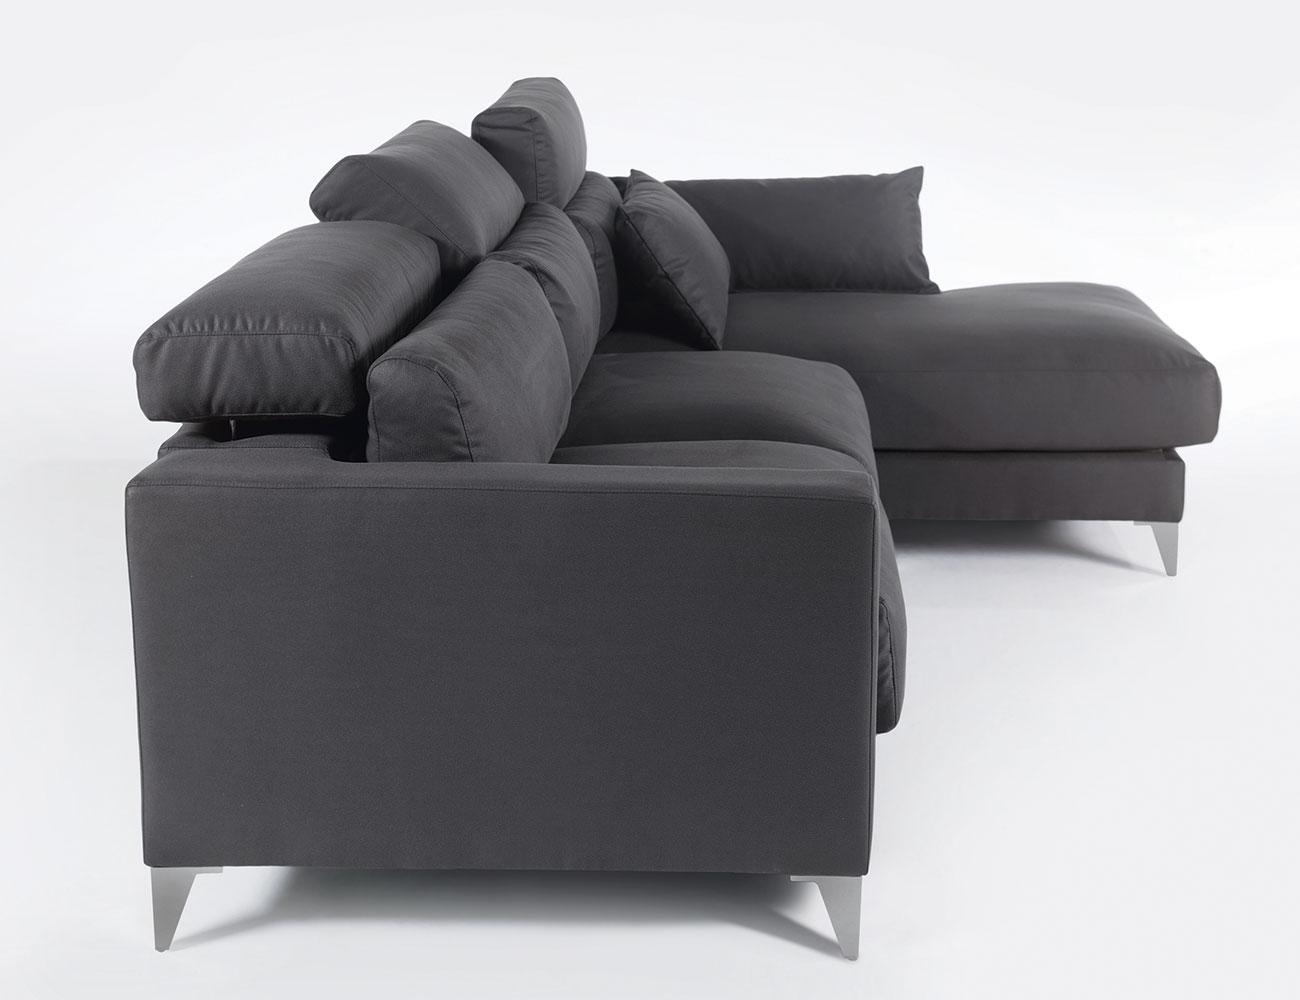 Sofa chaiselongue gran lujo decorativo grafito 139